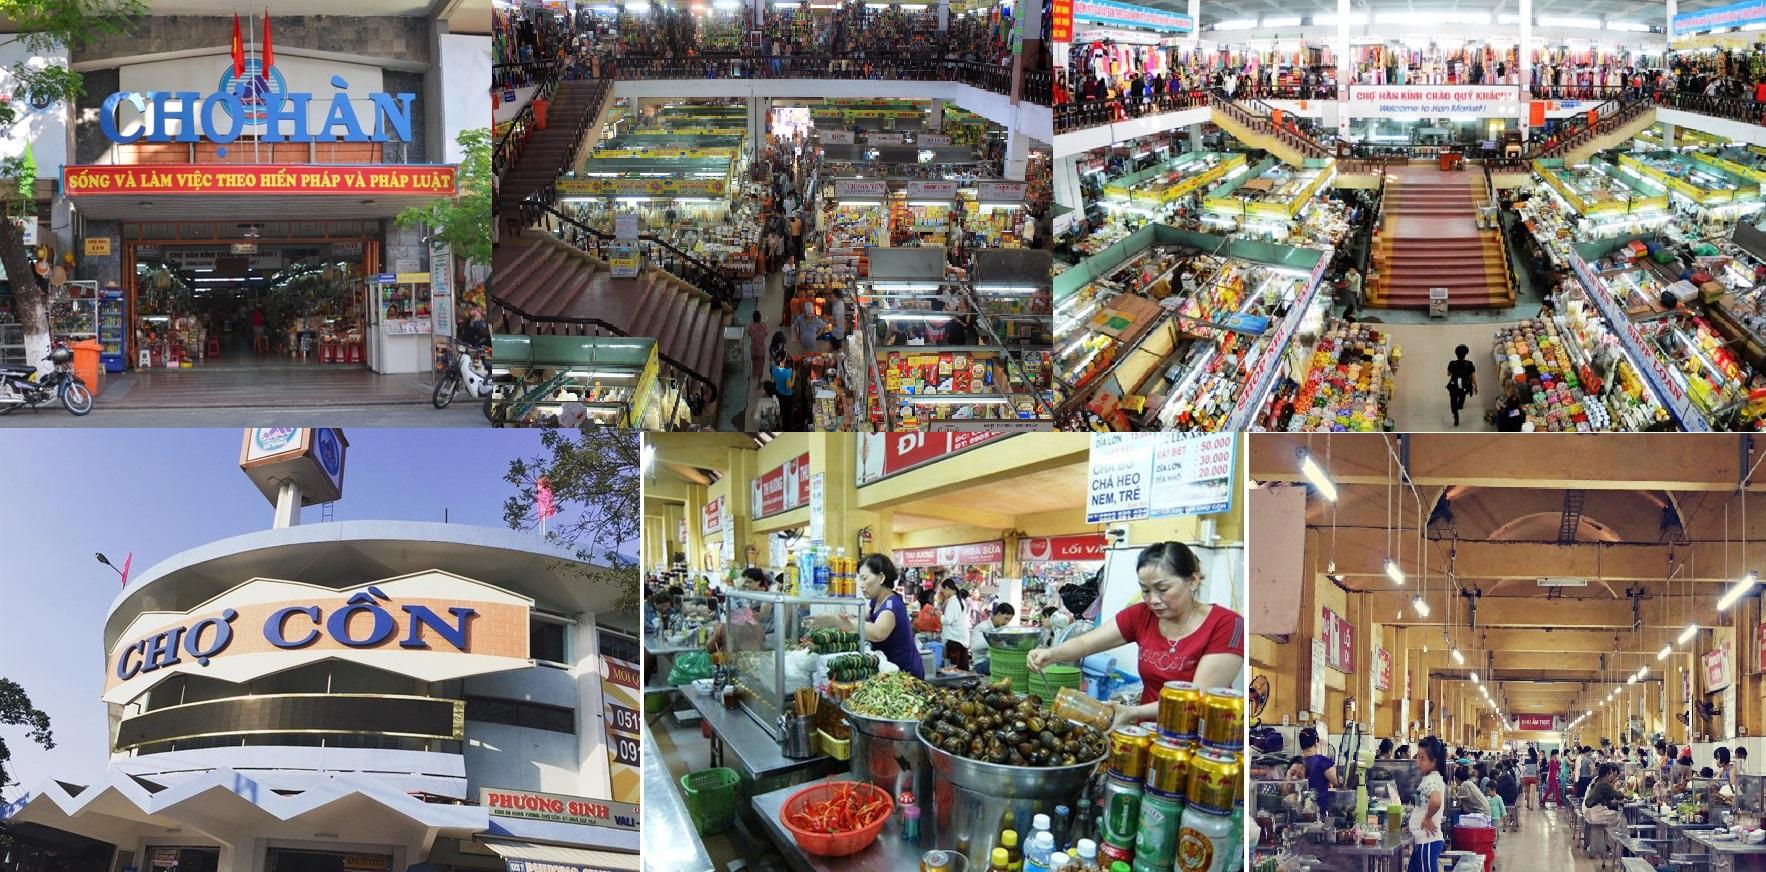 Chợ Hàn - Chợ Cồn